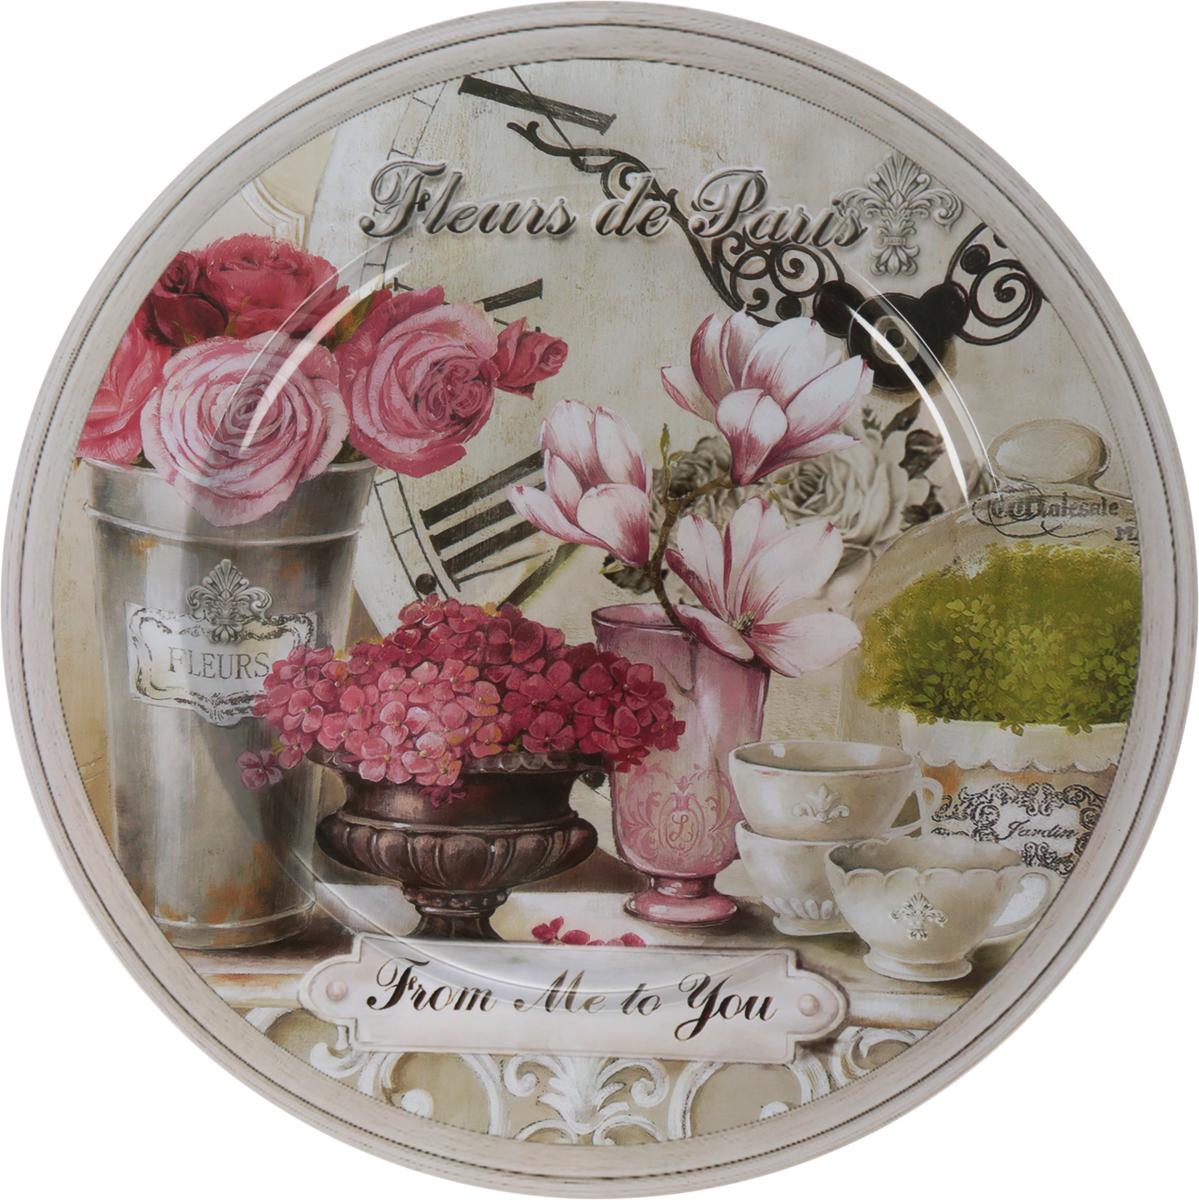 Поднос GiftnHome Парижские цветы, диаметр 33 смRT-33 FleursПоднос GiftnHome Парижские цветы изготовлен из жести и оформлен красочным цветочным рисунком в винтажном стиле. Декор выполнен в технике декупаж. Поднос может использоваться как для сервировки, так и для декора кухни. Поднос прекрасно дополнит интерьер и добавит в обычную обстановку нотки романтики и изящества. Диаметр: 33 см. Высота подноса: 1,5 см.